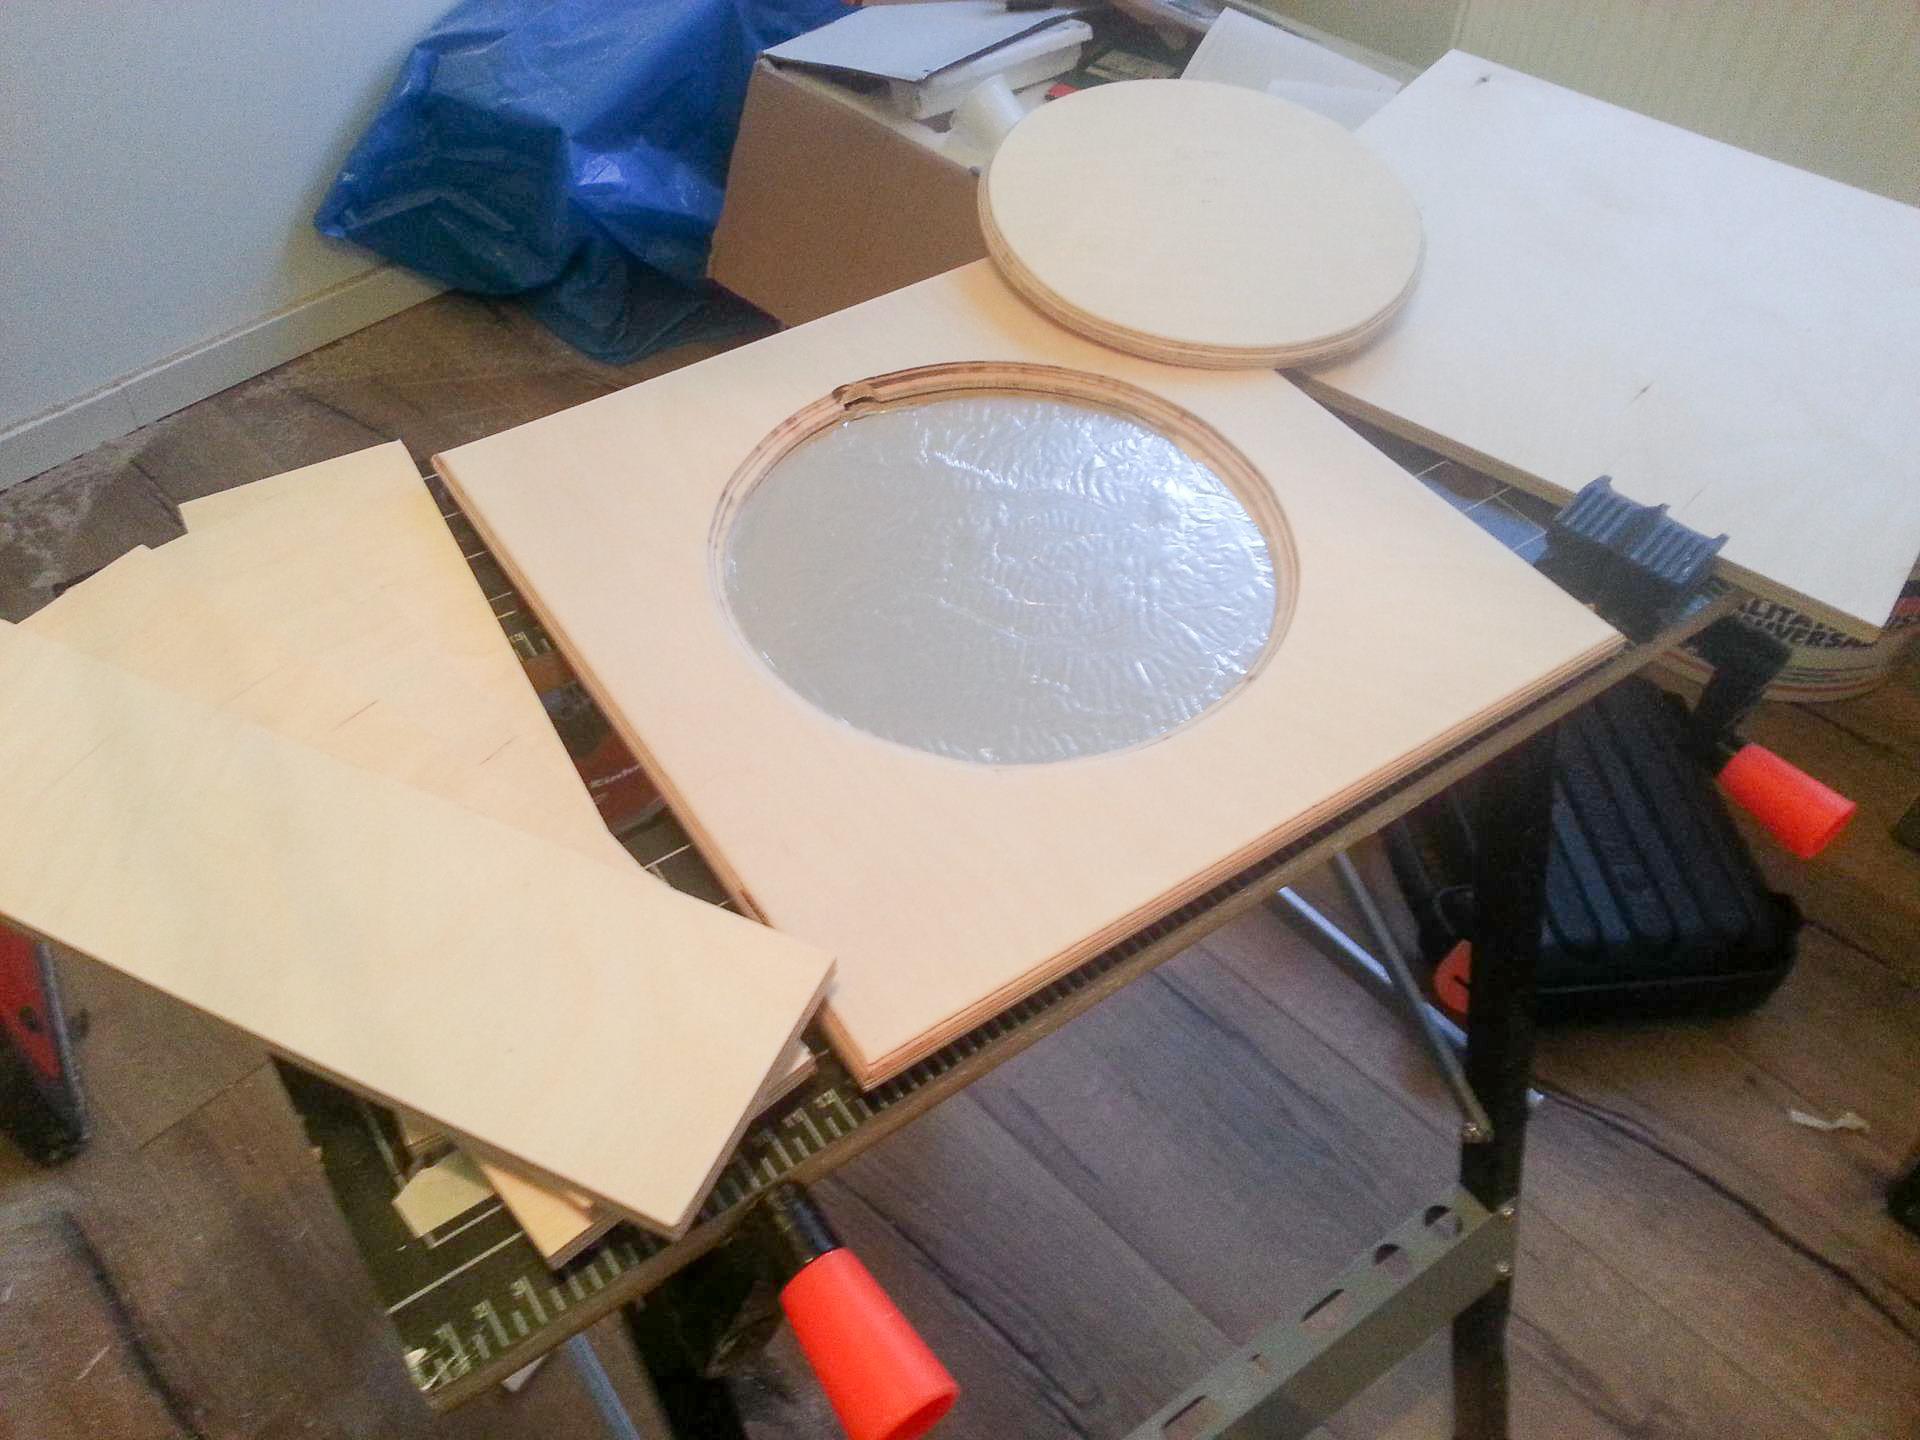 Ein quadratisches Stück Holz mit einem runden Loch in der Mitte. Darunter glänzt es metallisch